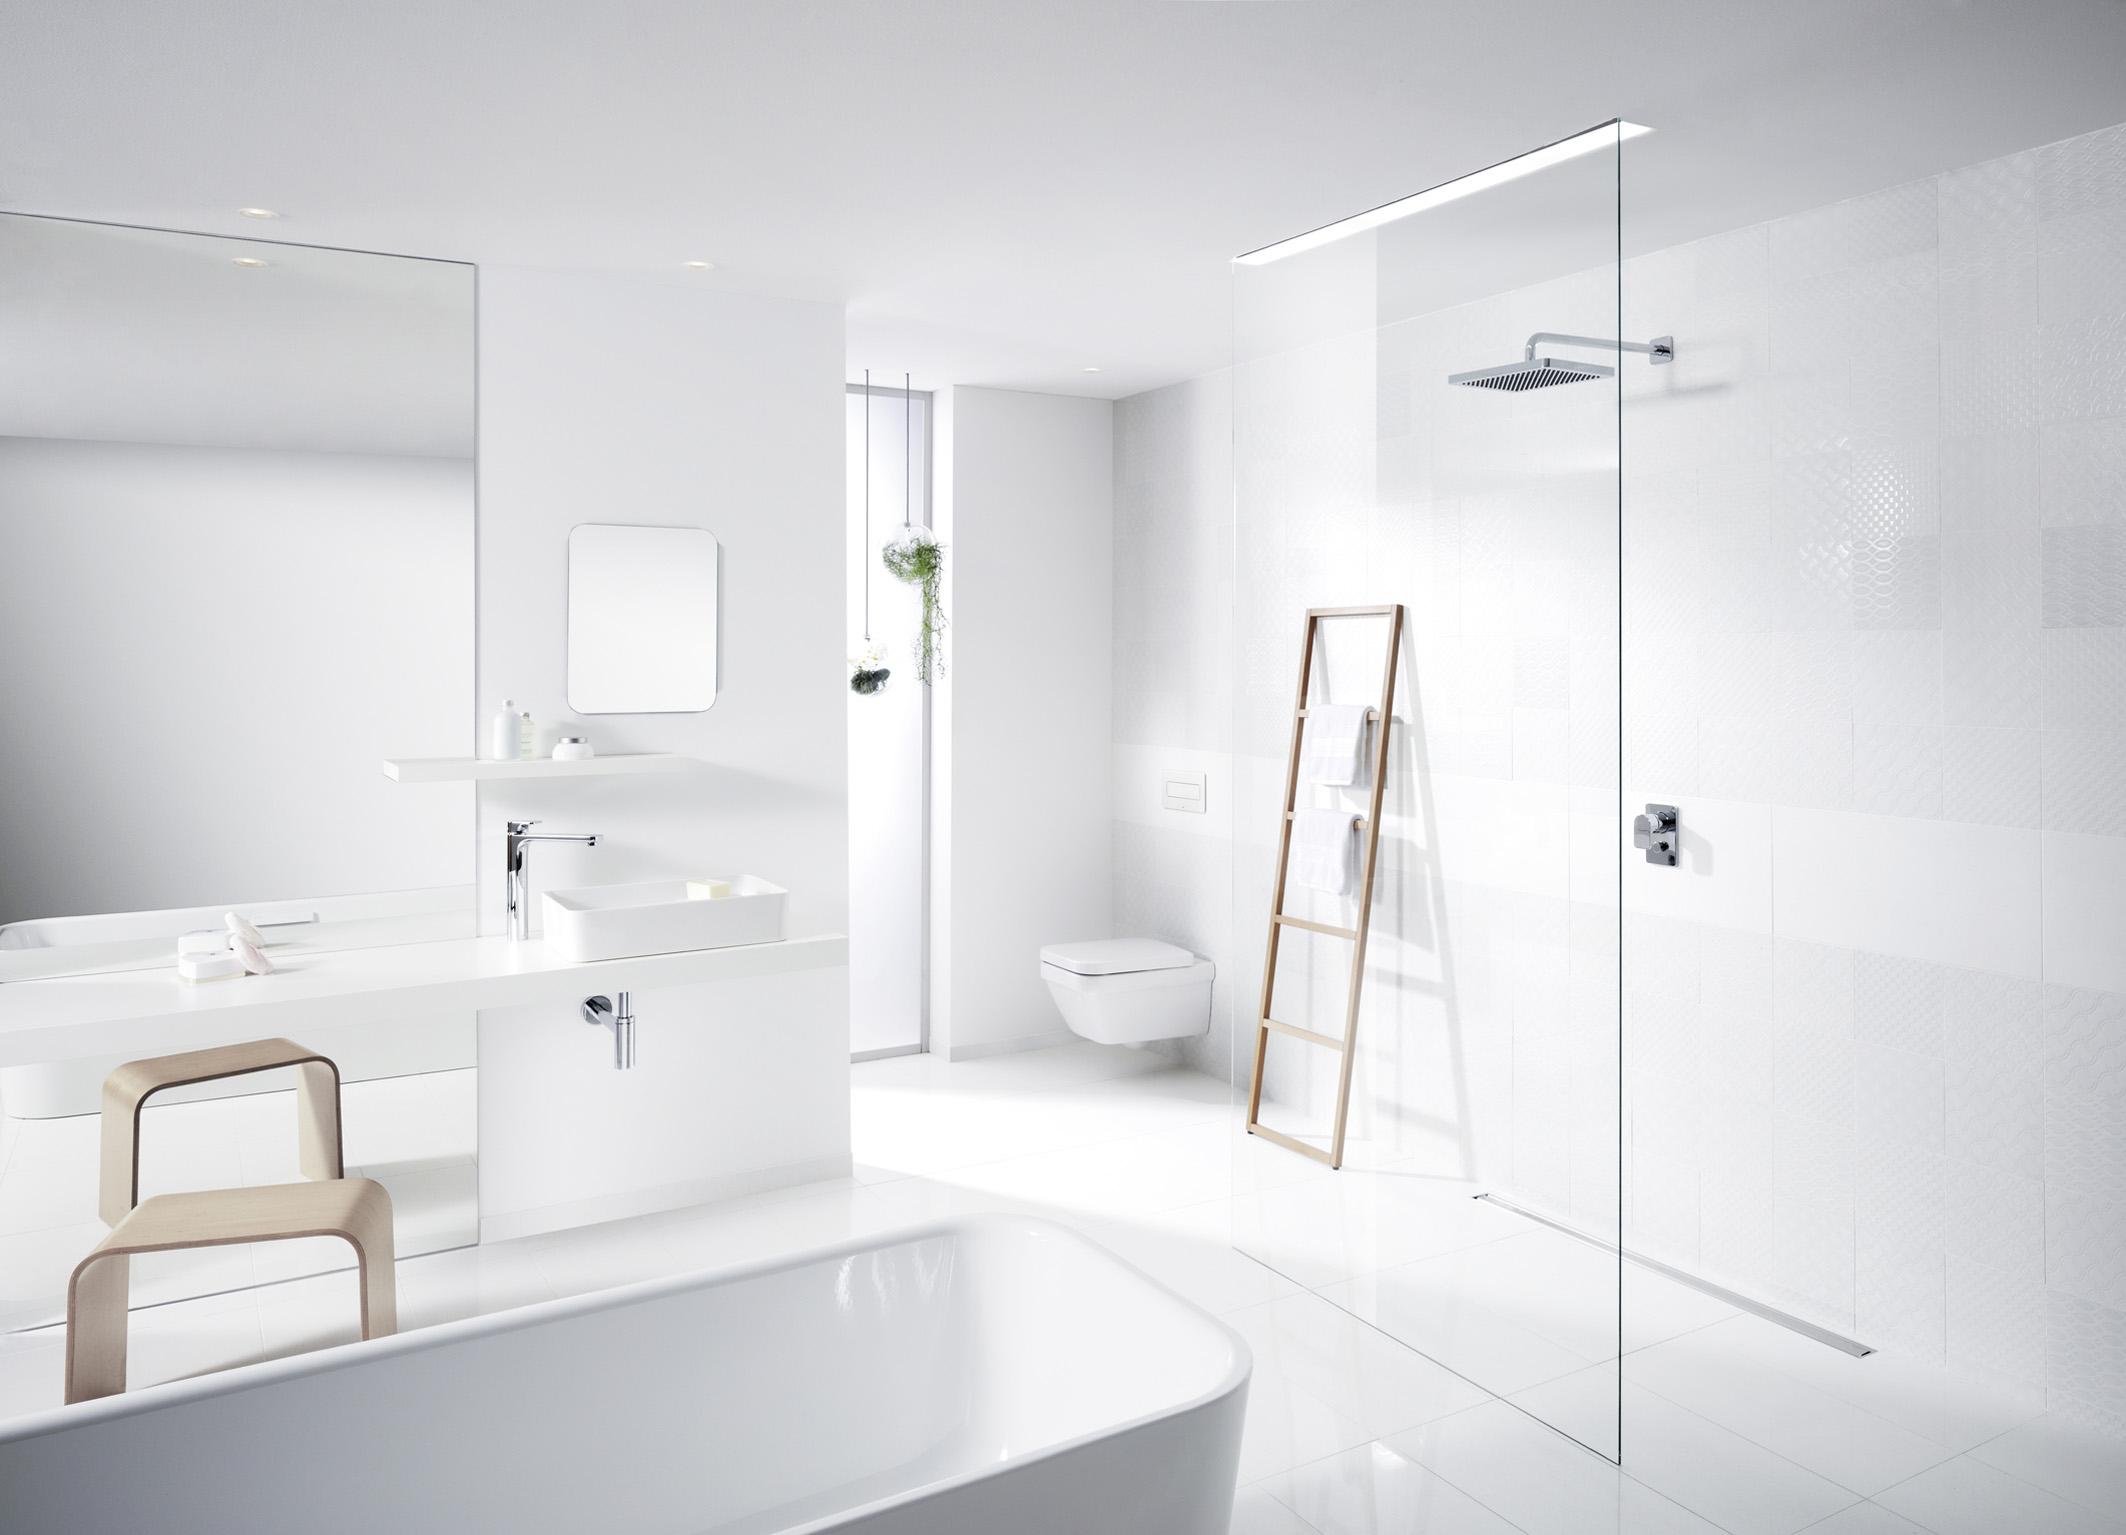 Witte badkamer volgens de laatste woontrends met producten van Viega #badkamer #badkamerinspiratie #inloopdouche #viega